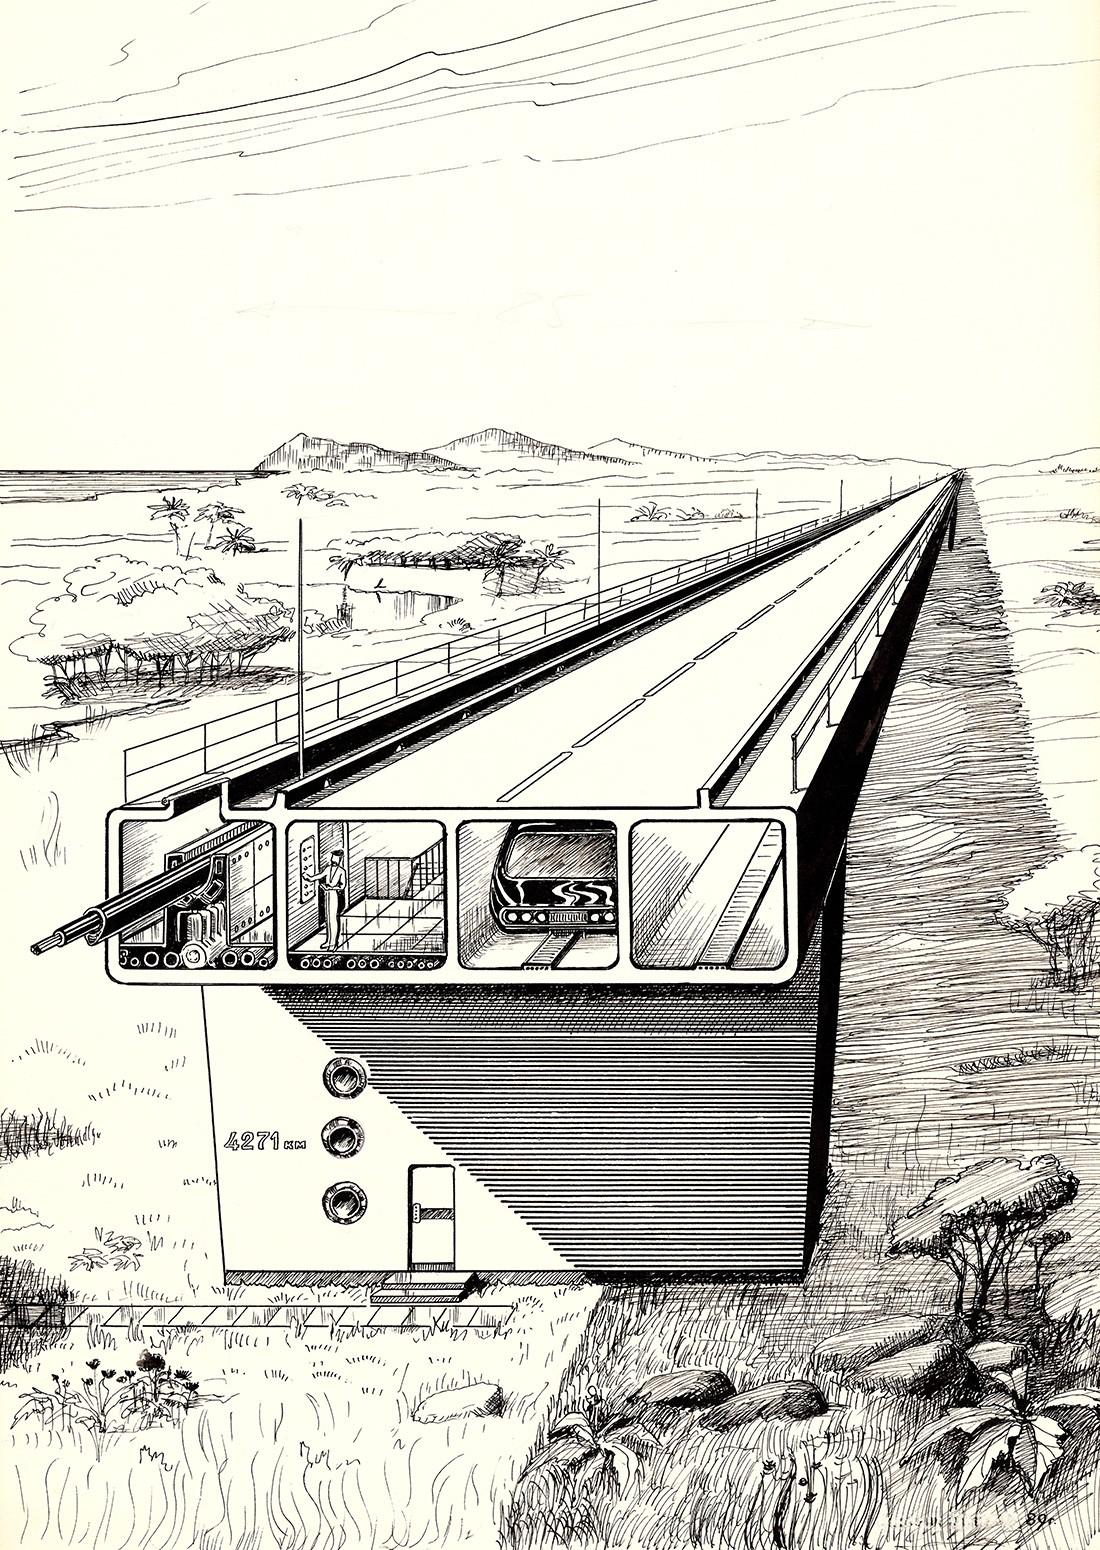 история струнного транспорта (2)